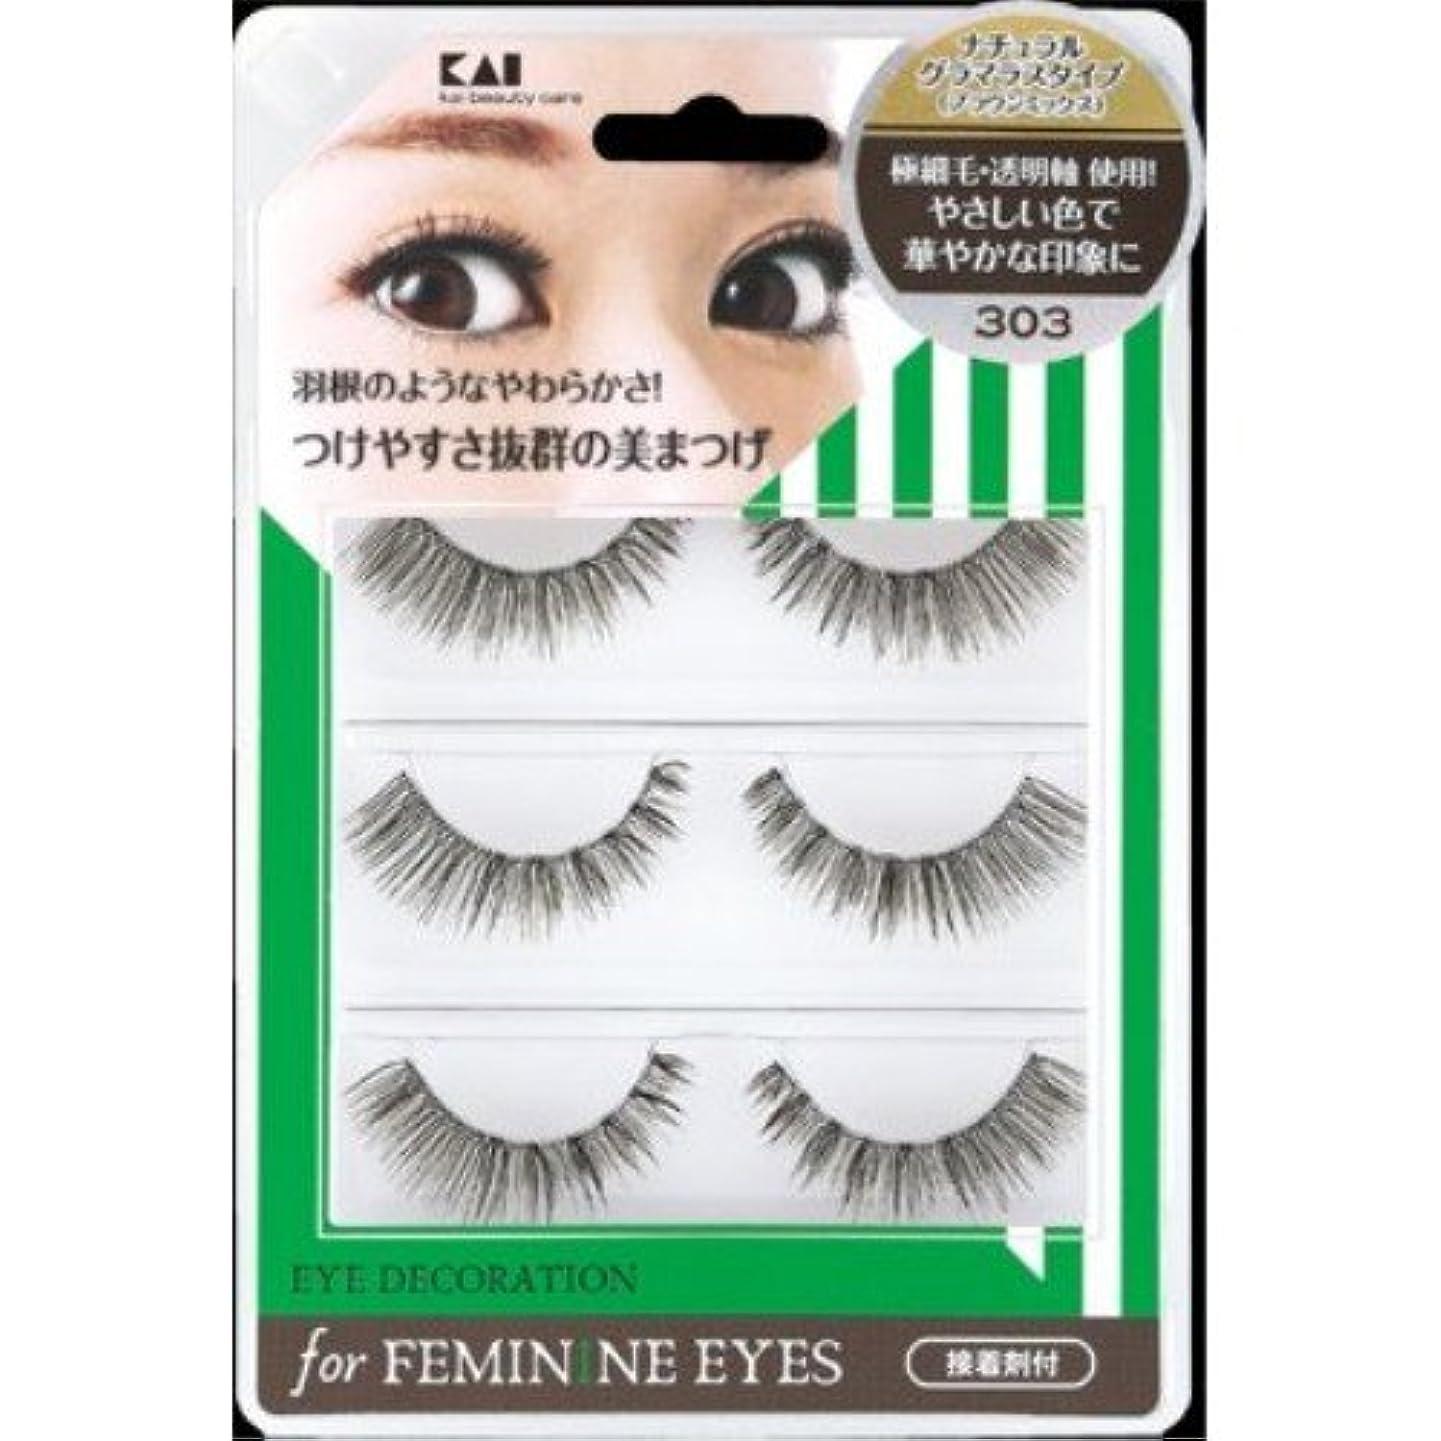 不適当結婚する道を作る貝印 アイデコレーション for feminine eyes 303 HC1563